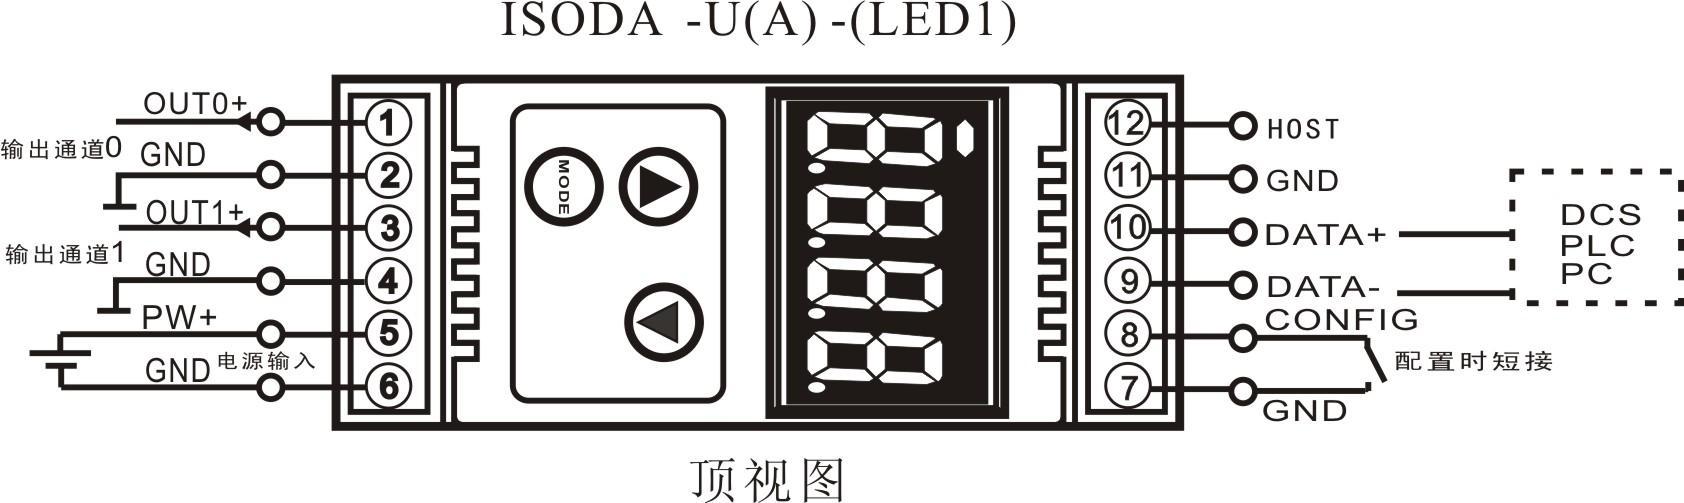 rs232/485隔离转换4-20ma显示控制模块:iso da(led1).